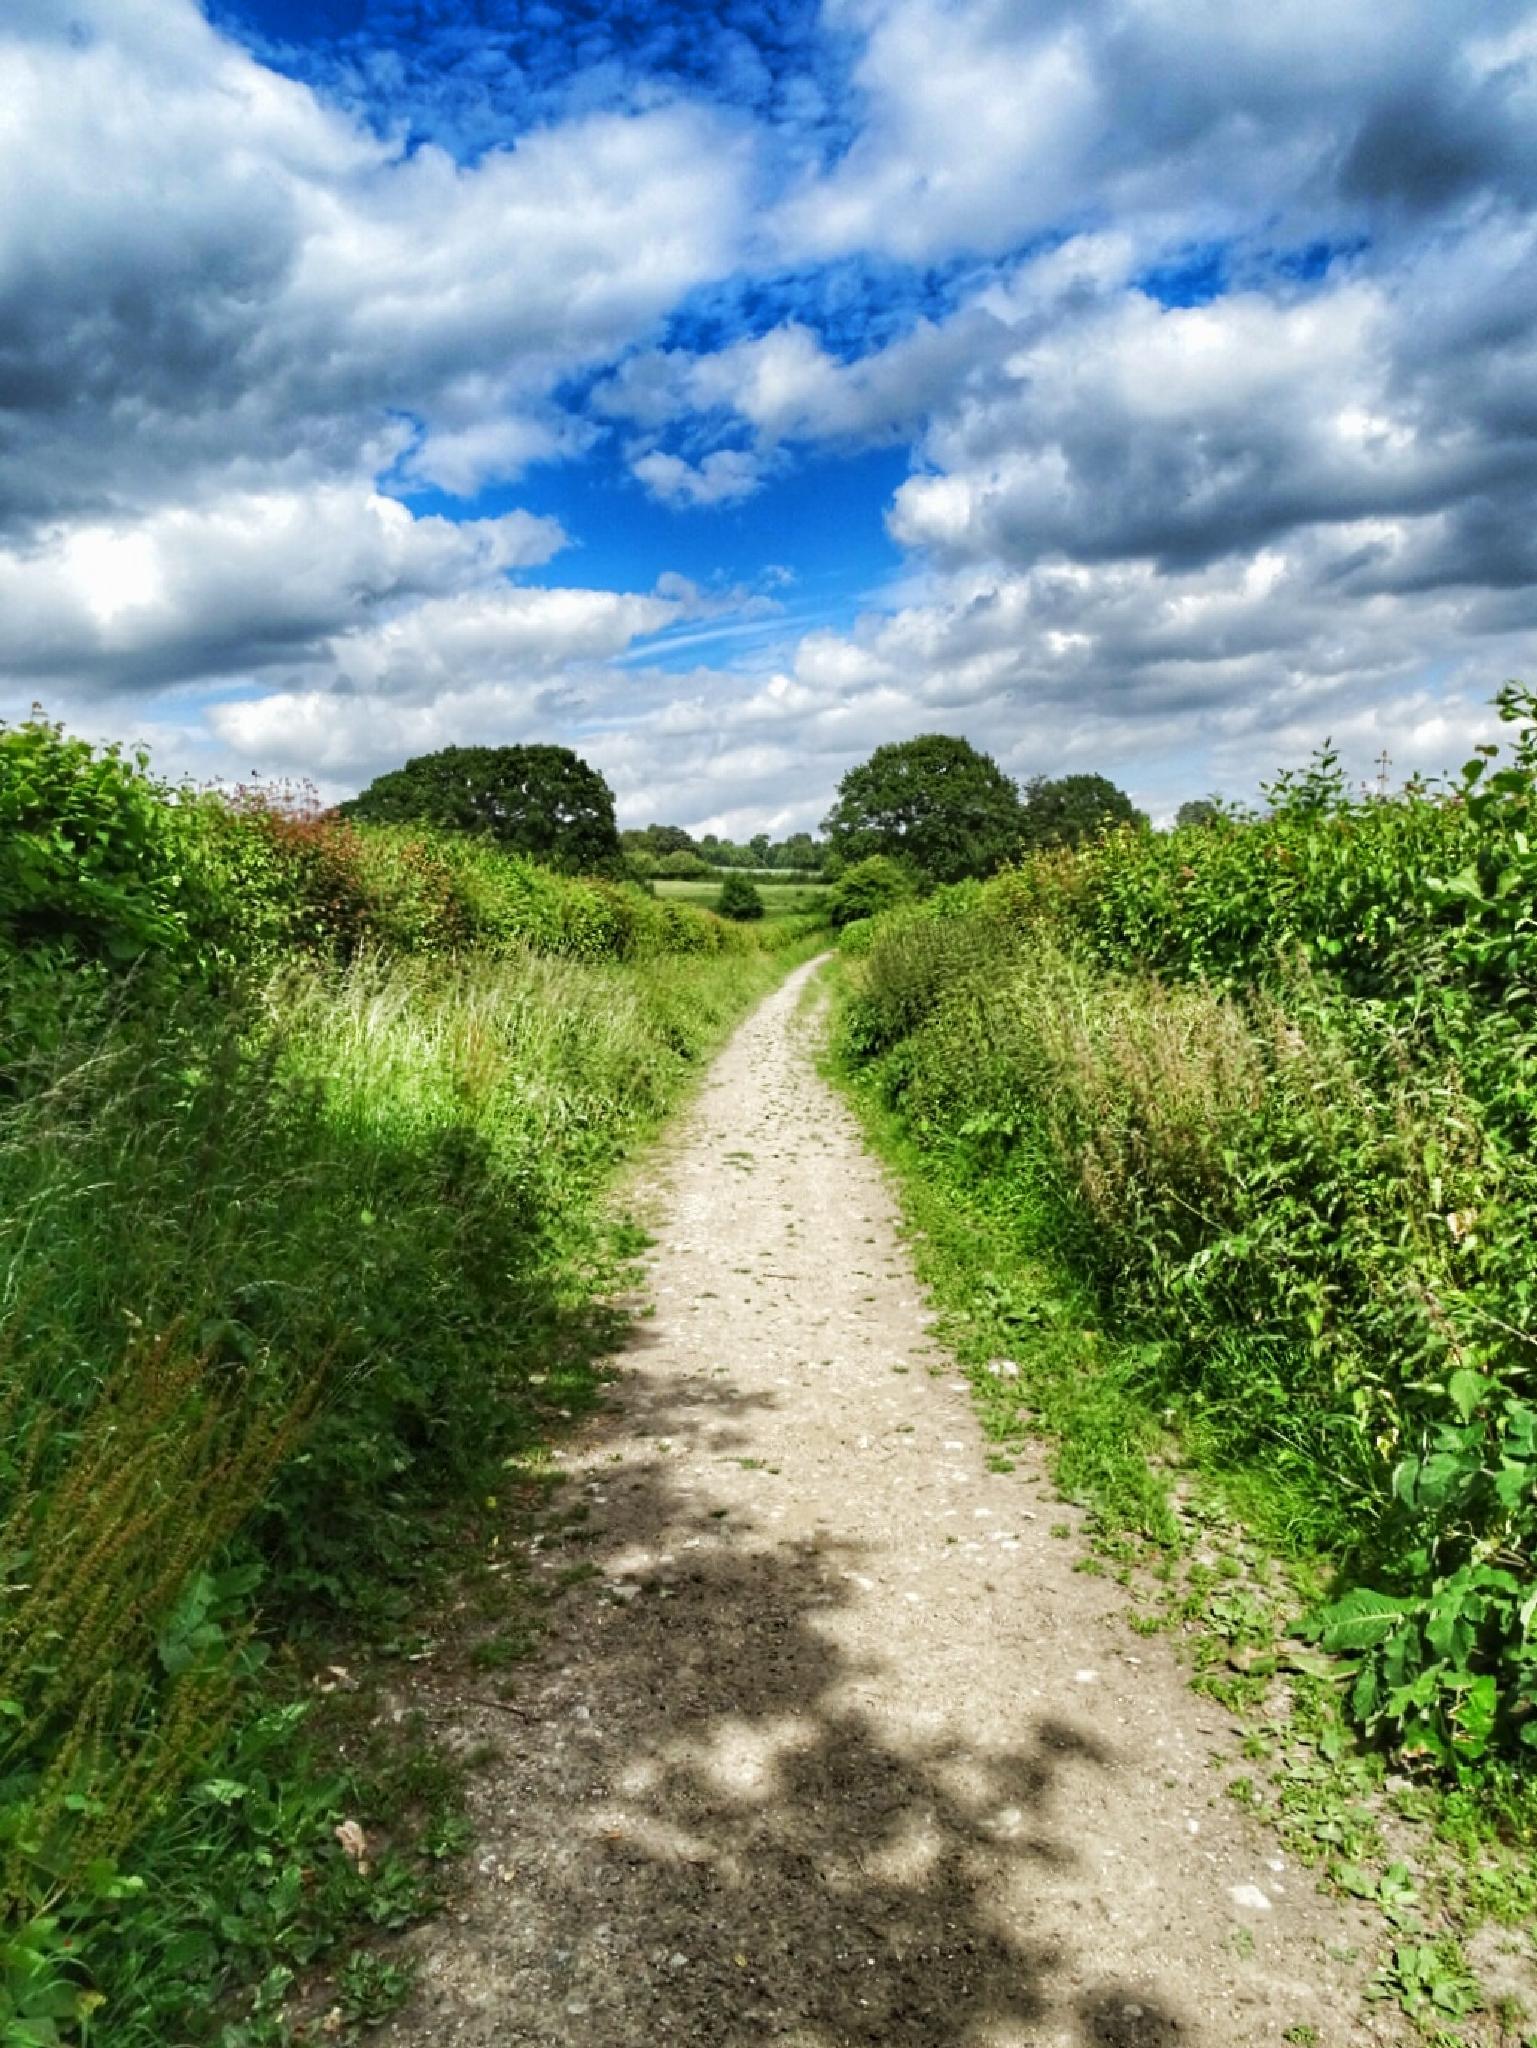 Ightam Mote, kent, UK  by www.ellesmerecollective.co.uk